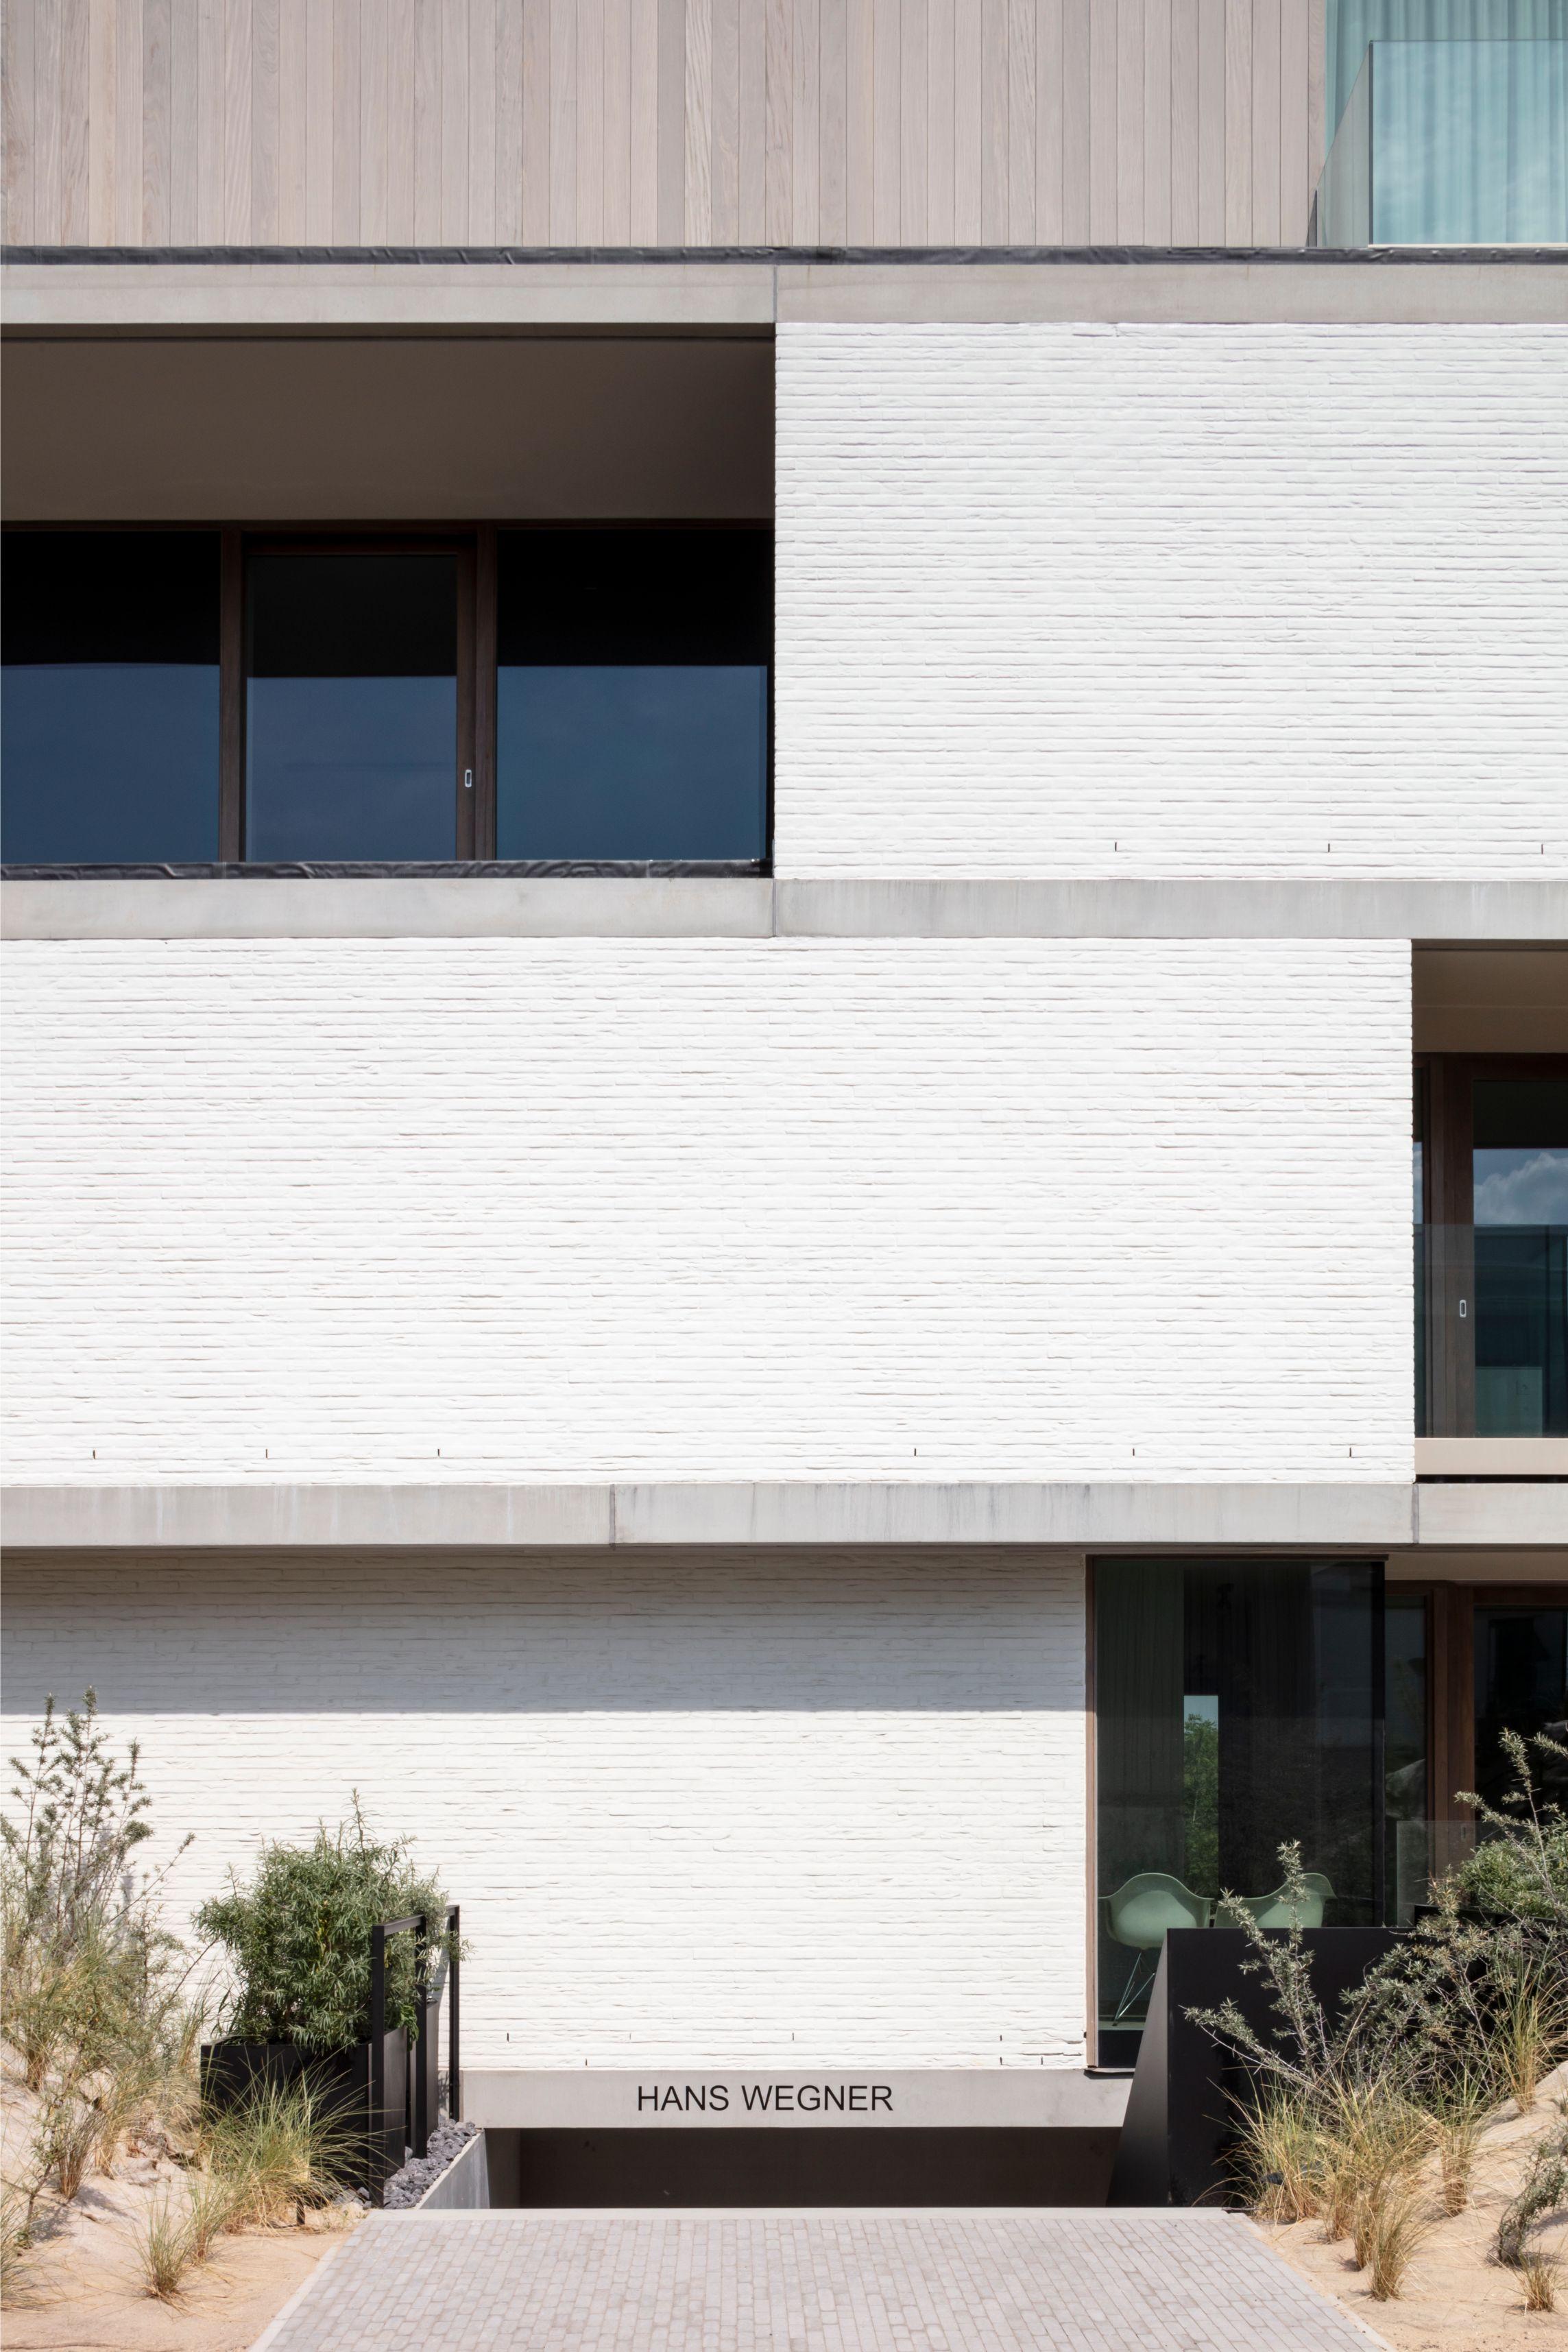 Hans Wegner - Rietveldprojects - Koksijde - Tvdv26.jpg